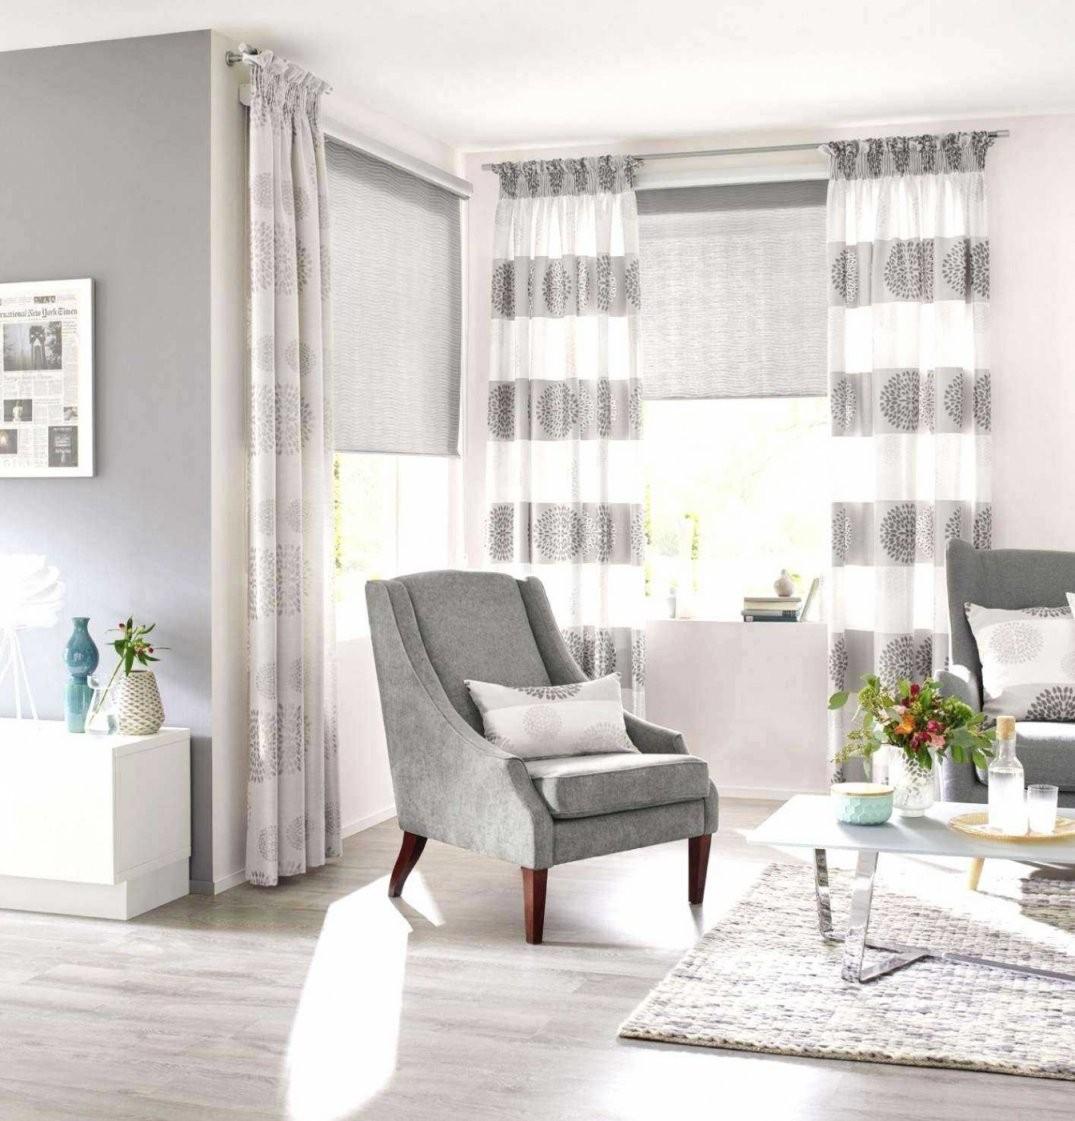 Wohnzimmer Gardinen Ideen — Temobardz Home Blog von Ideen Für Wohnzimmer Gardinen Bild